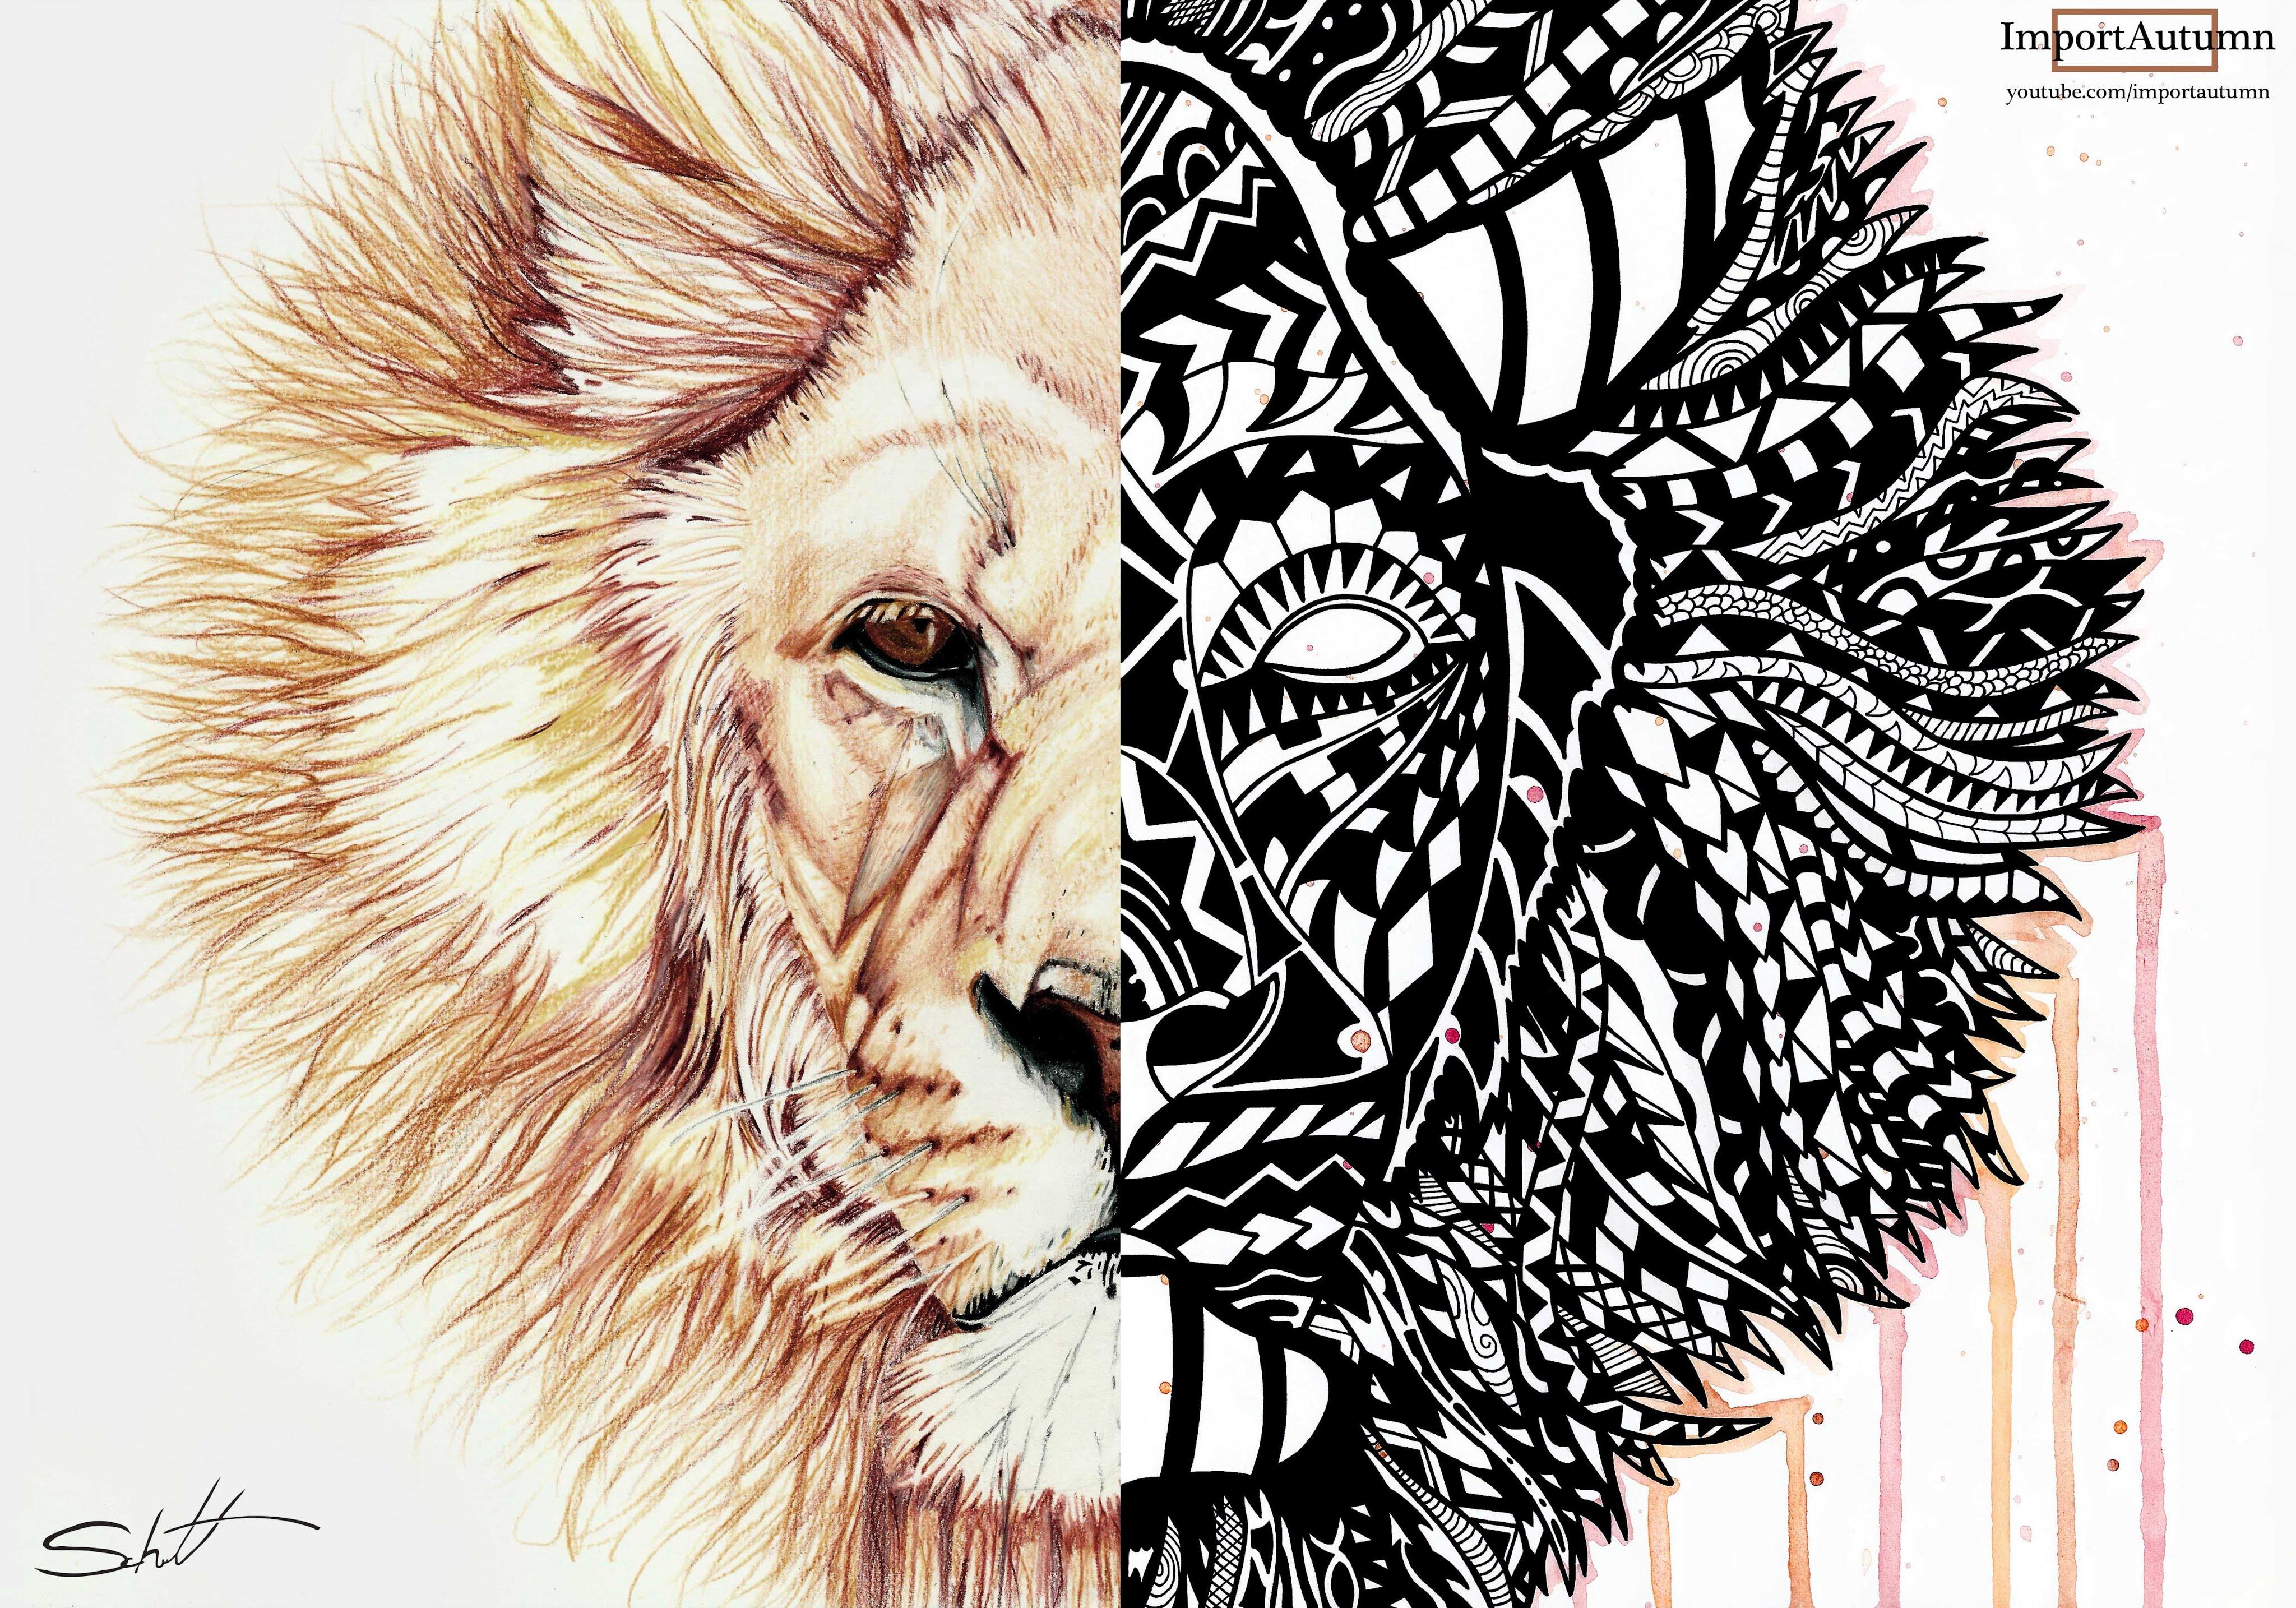 4096x2868 Polynesian + Zentangle Lion [Art Collab With Schutt Art]